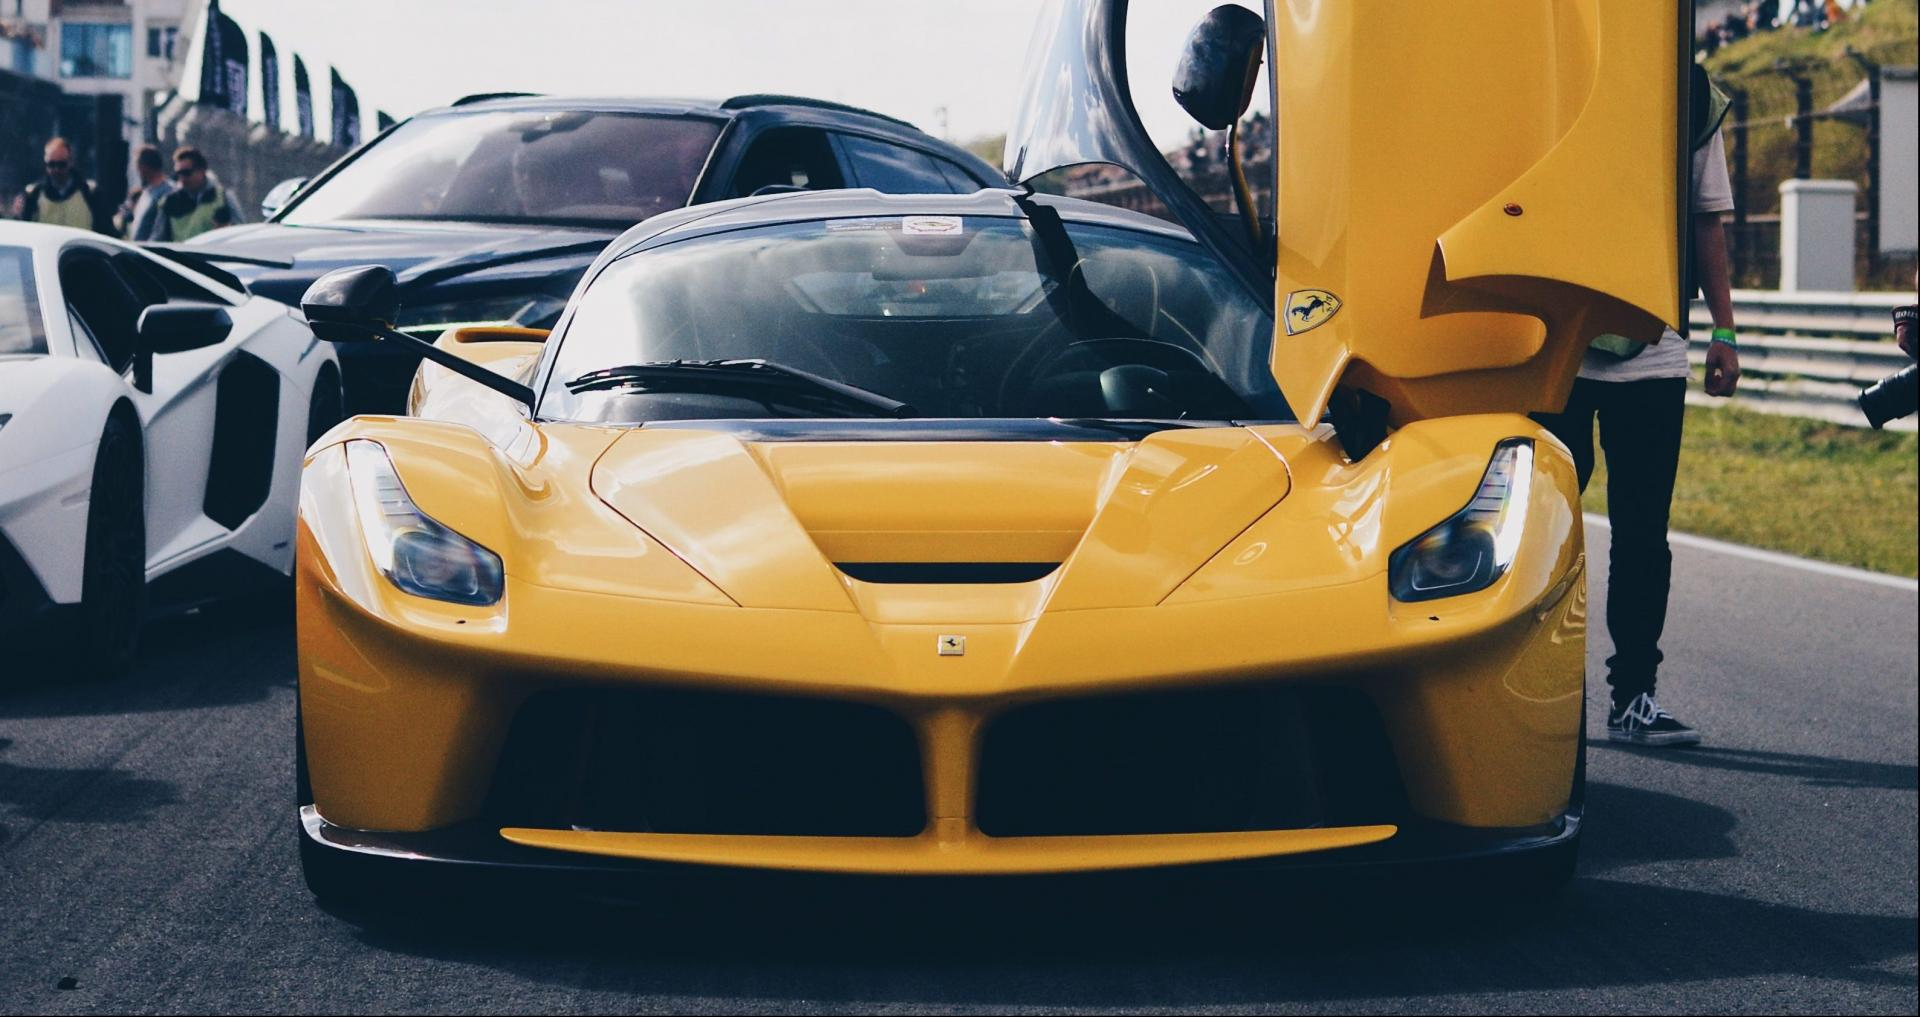 Ferrari Laferrari geel super car sunday 2018